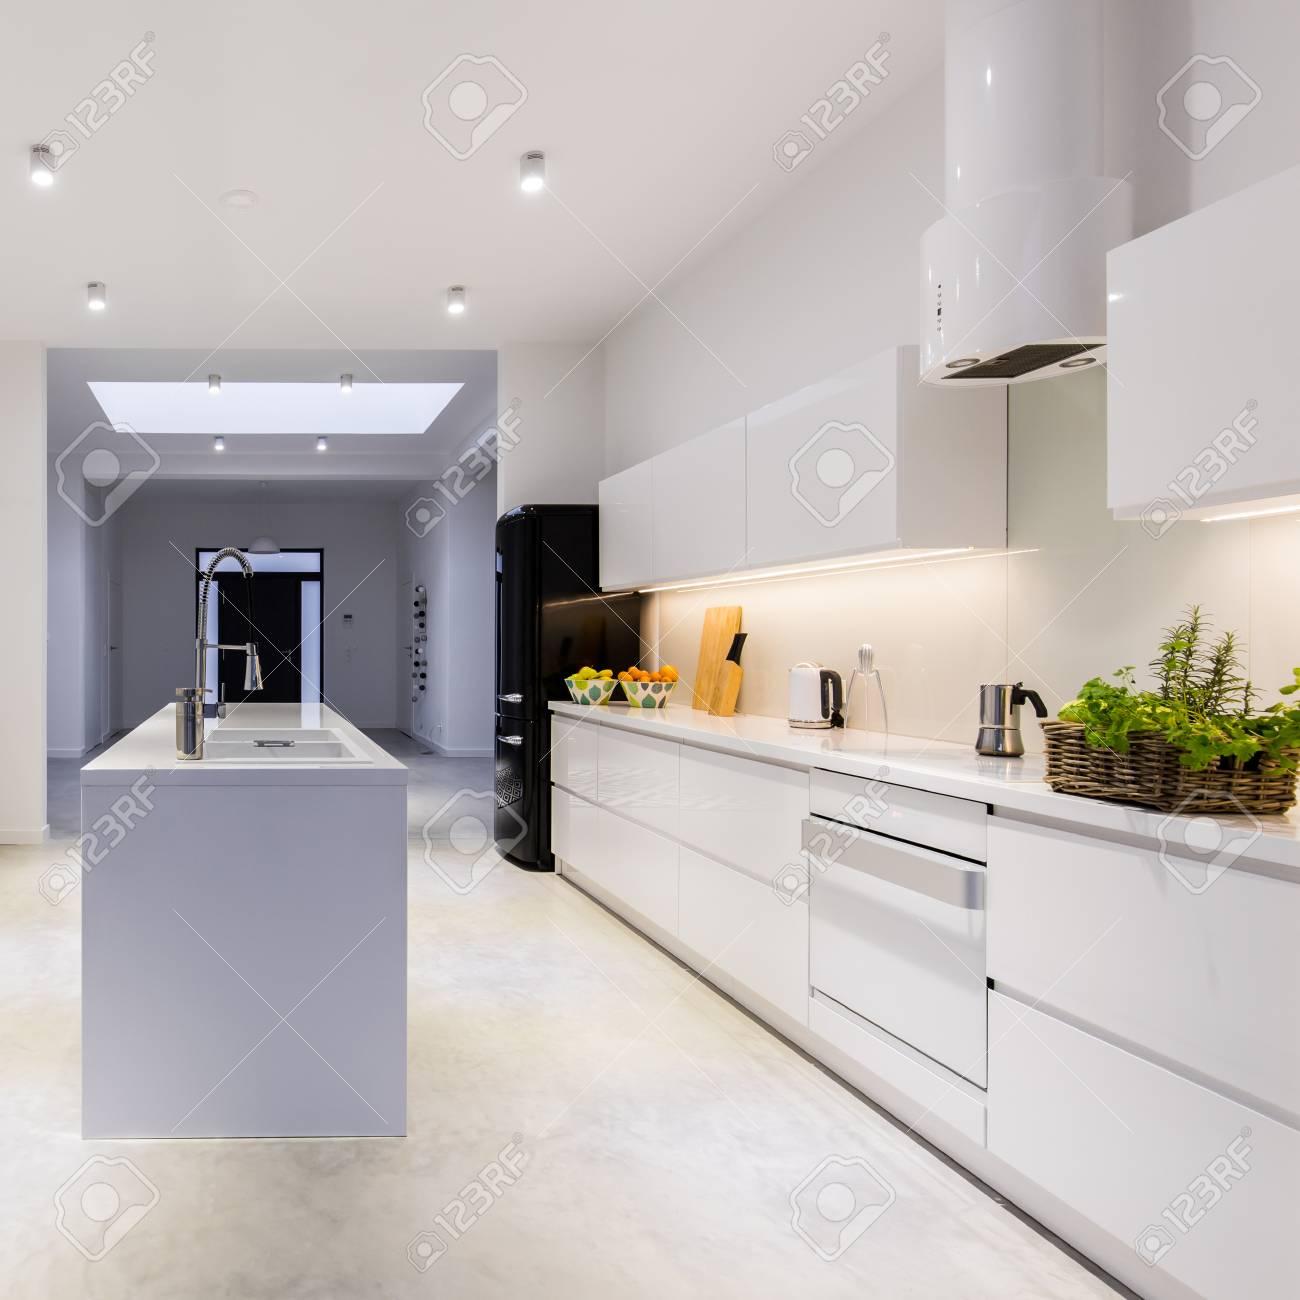 Moderne, Helle Küche Mit Kücheninsel In Der Mitte Und Weißen ...